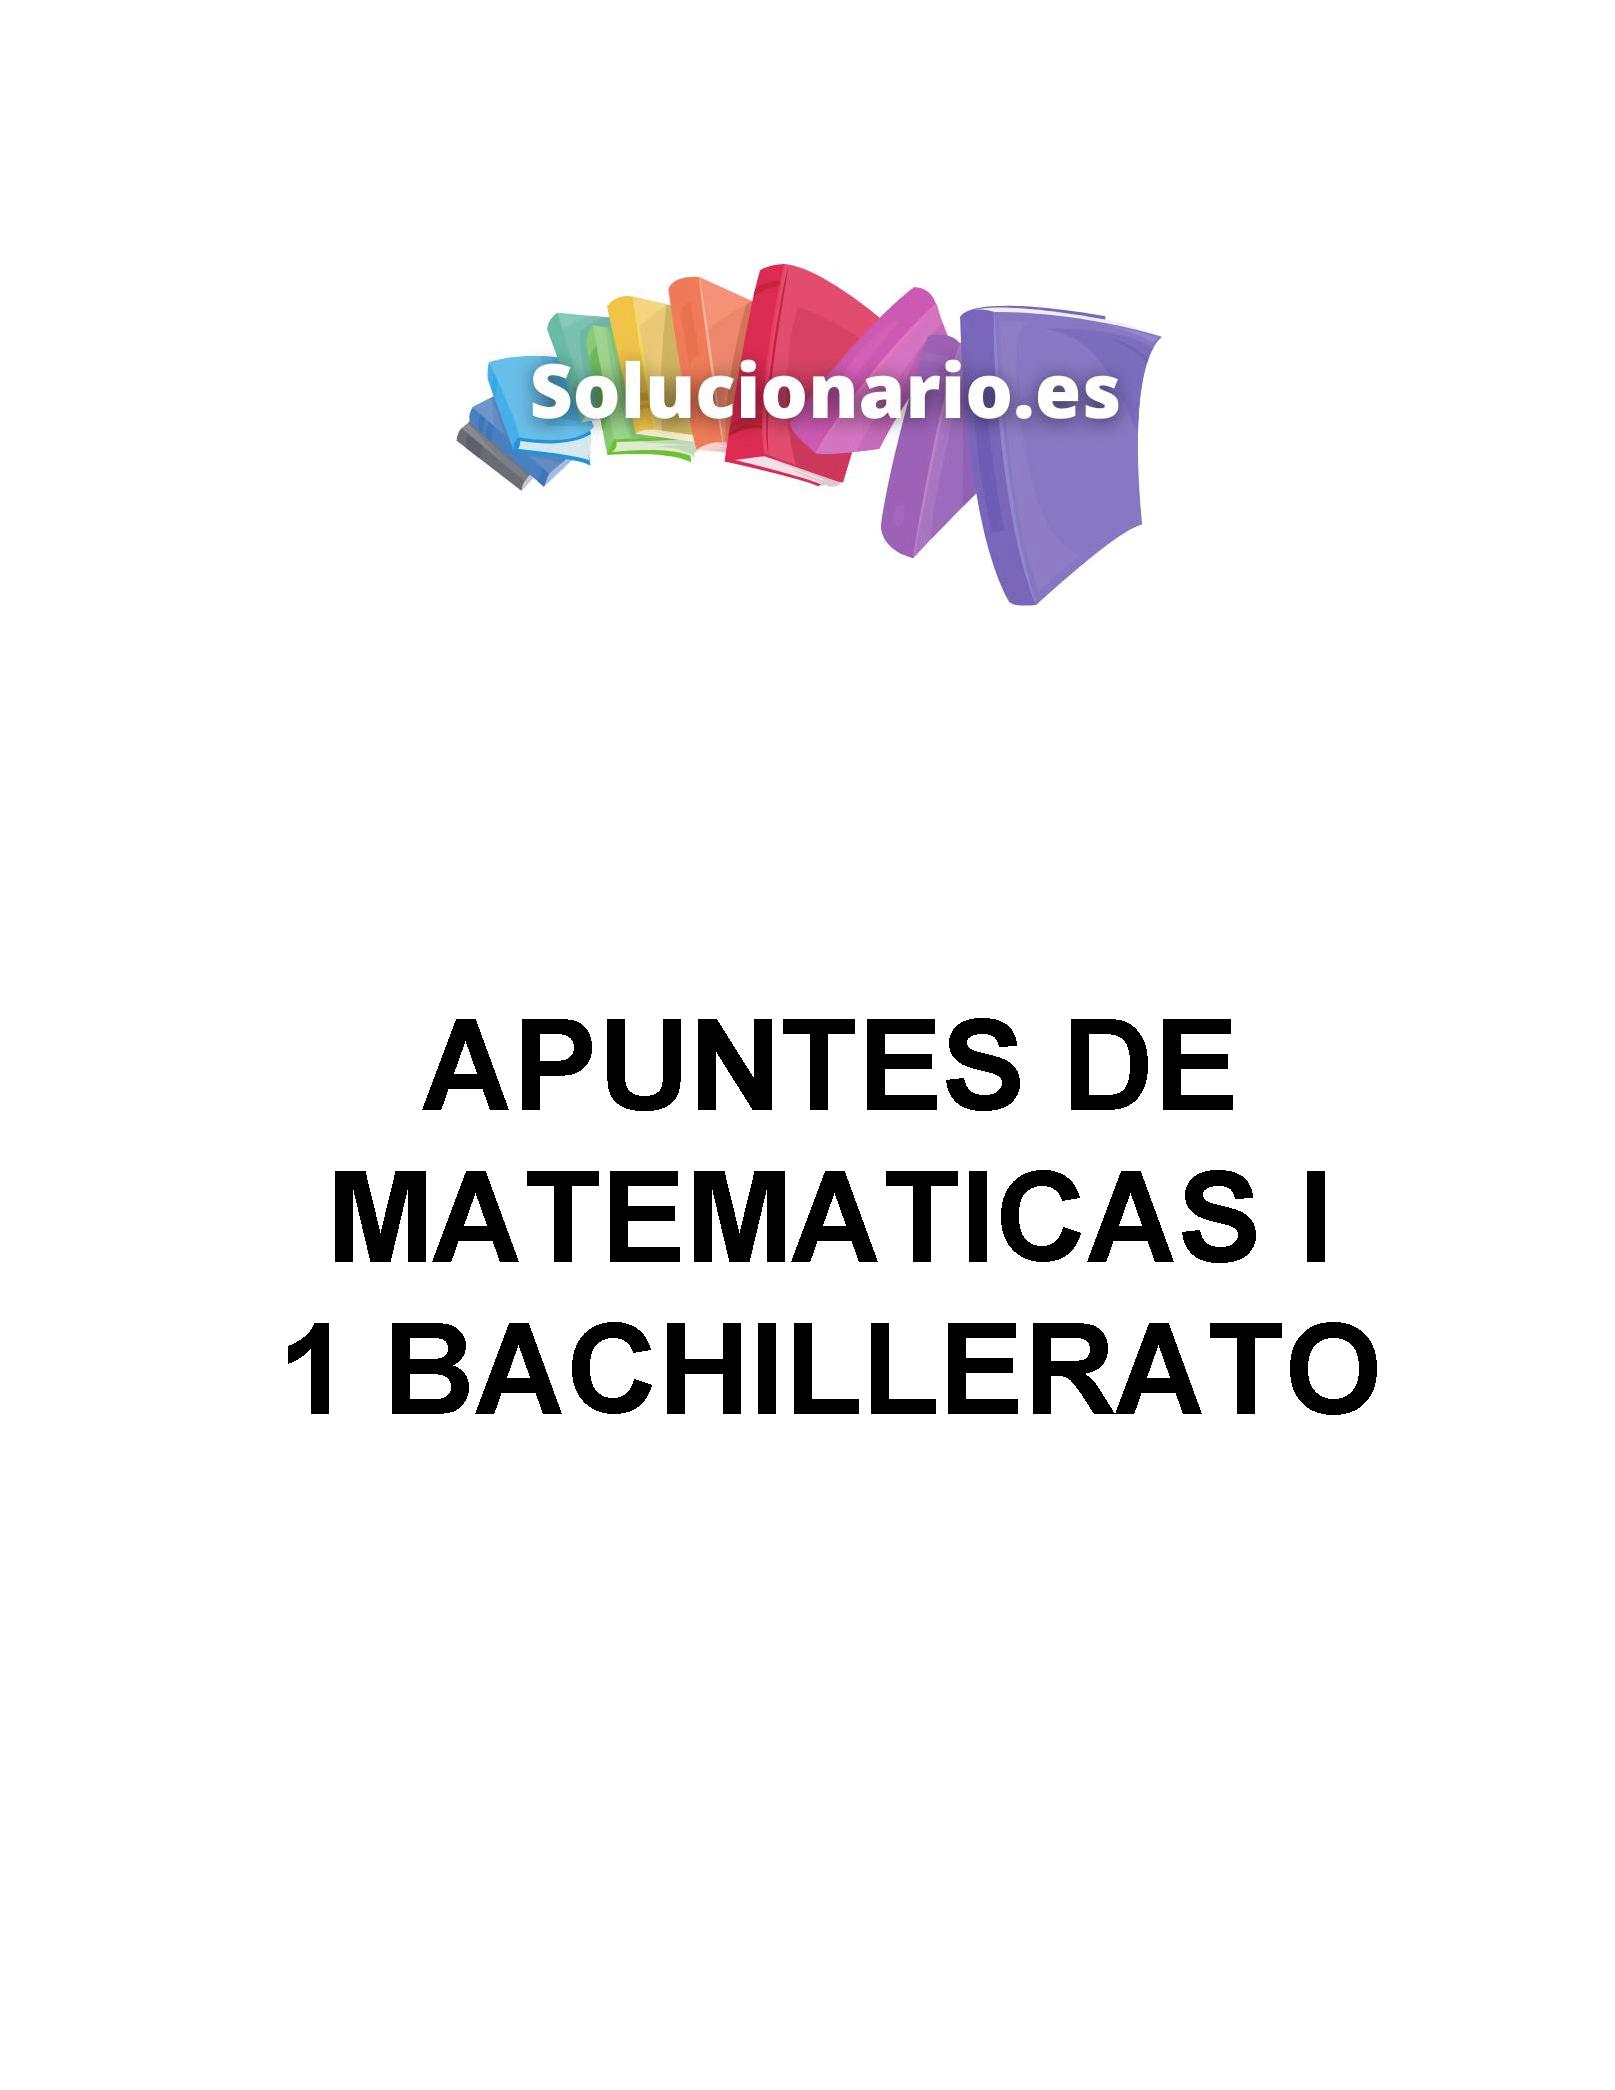 Apuntes Matemáticas Académicas Análisis 1 Bachillerato 2020 / 2021